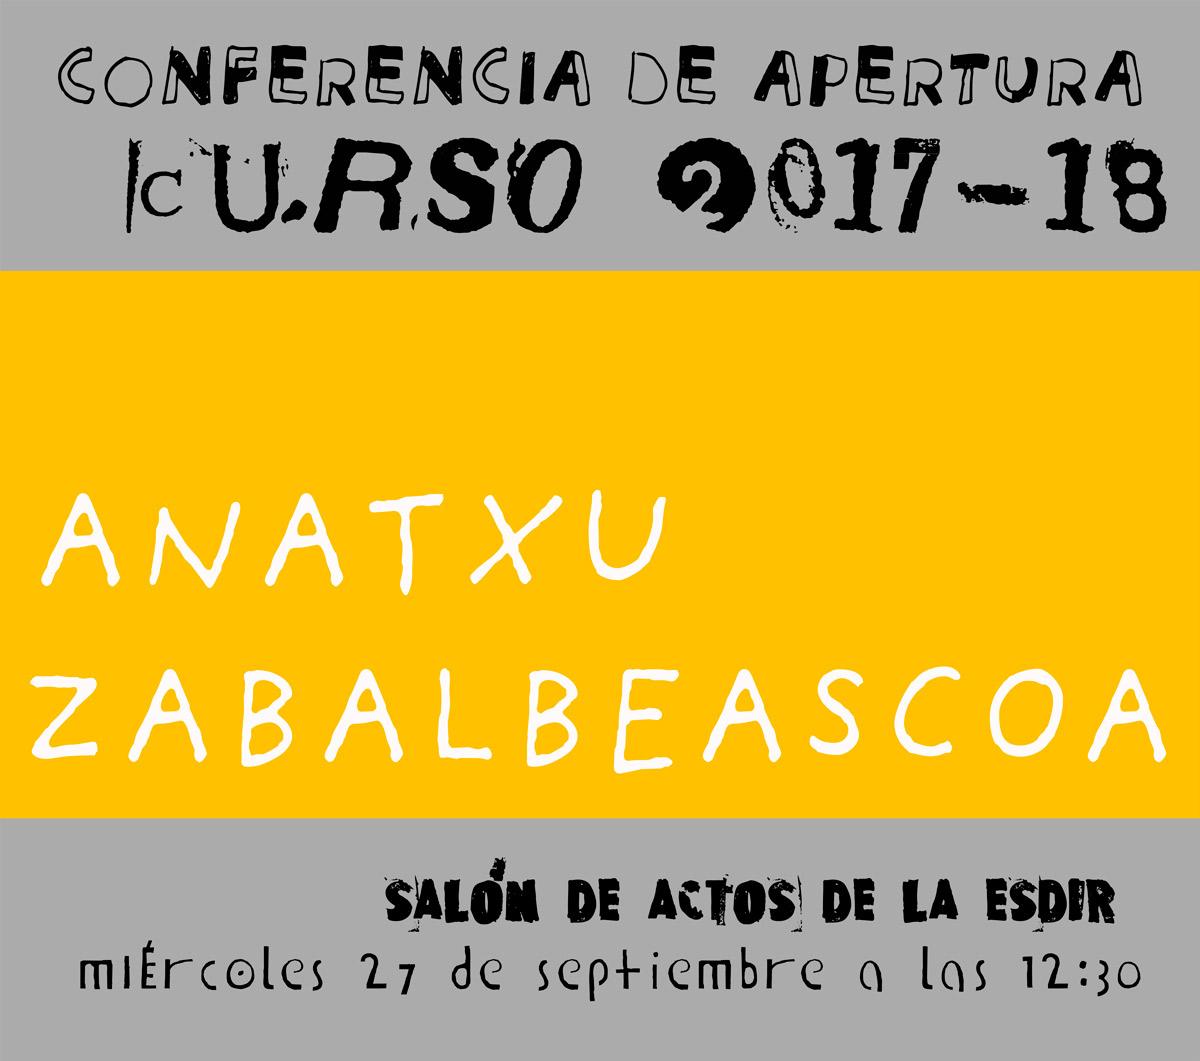 Conferencia inaugural con Anatxu Zabalbeascoa